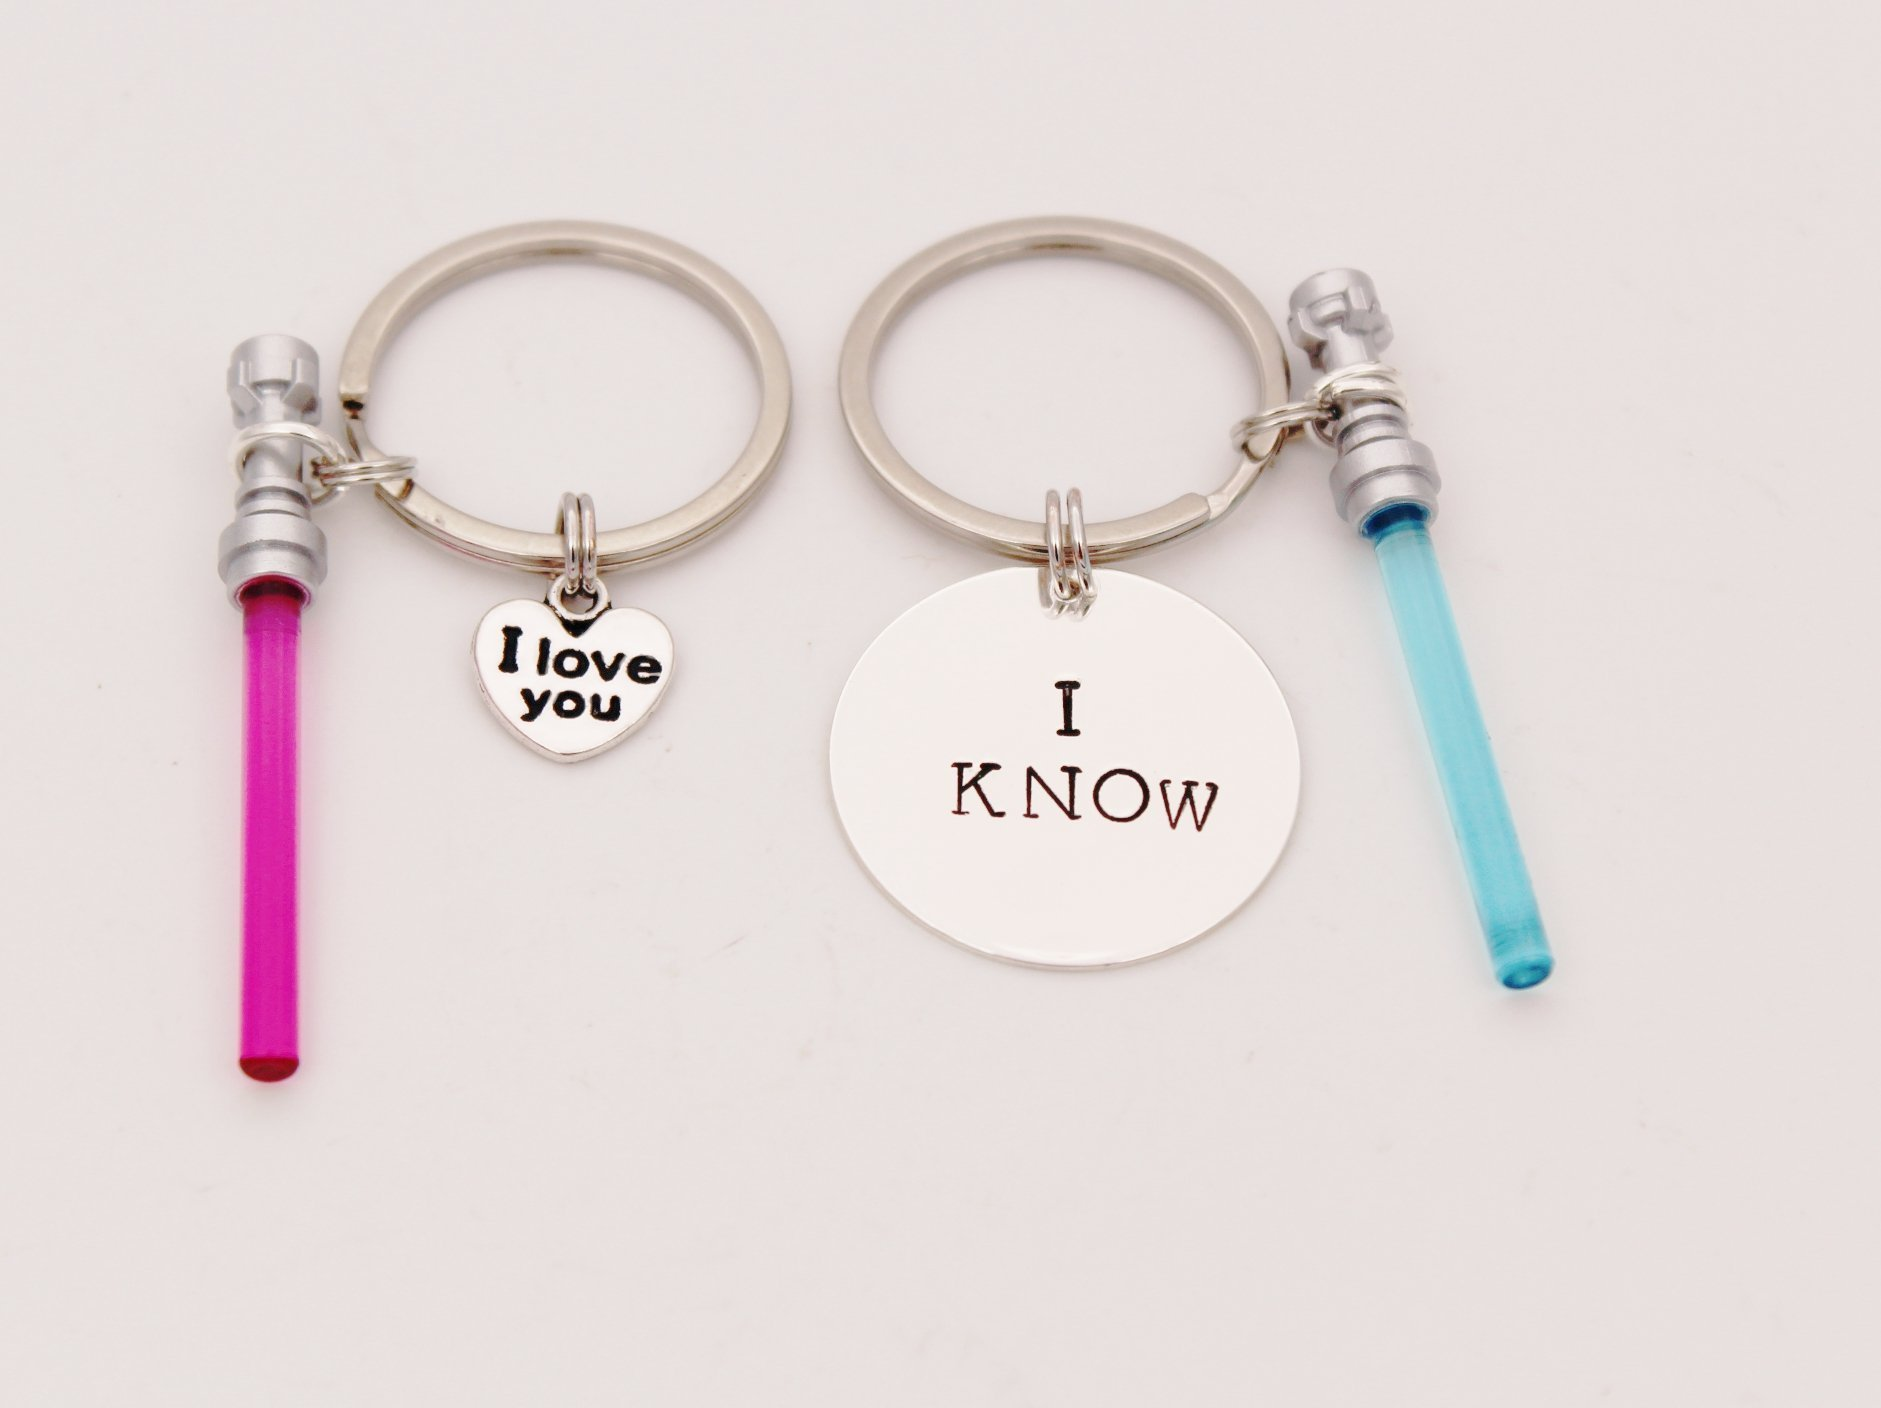 Star Wars Keychain, I LOVE YOU - I KNOW, Light saber Keychain